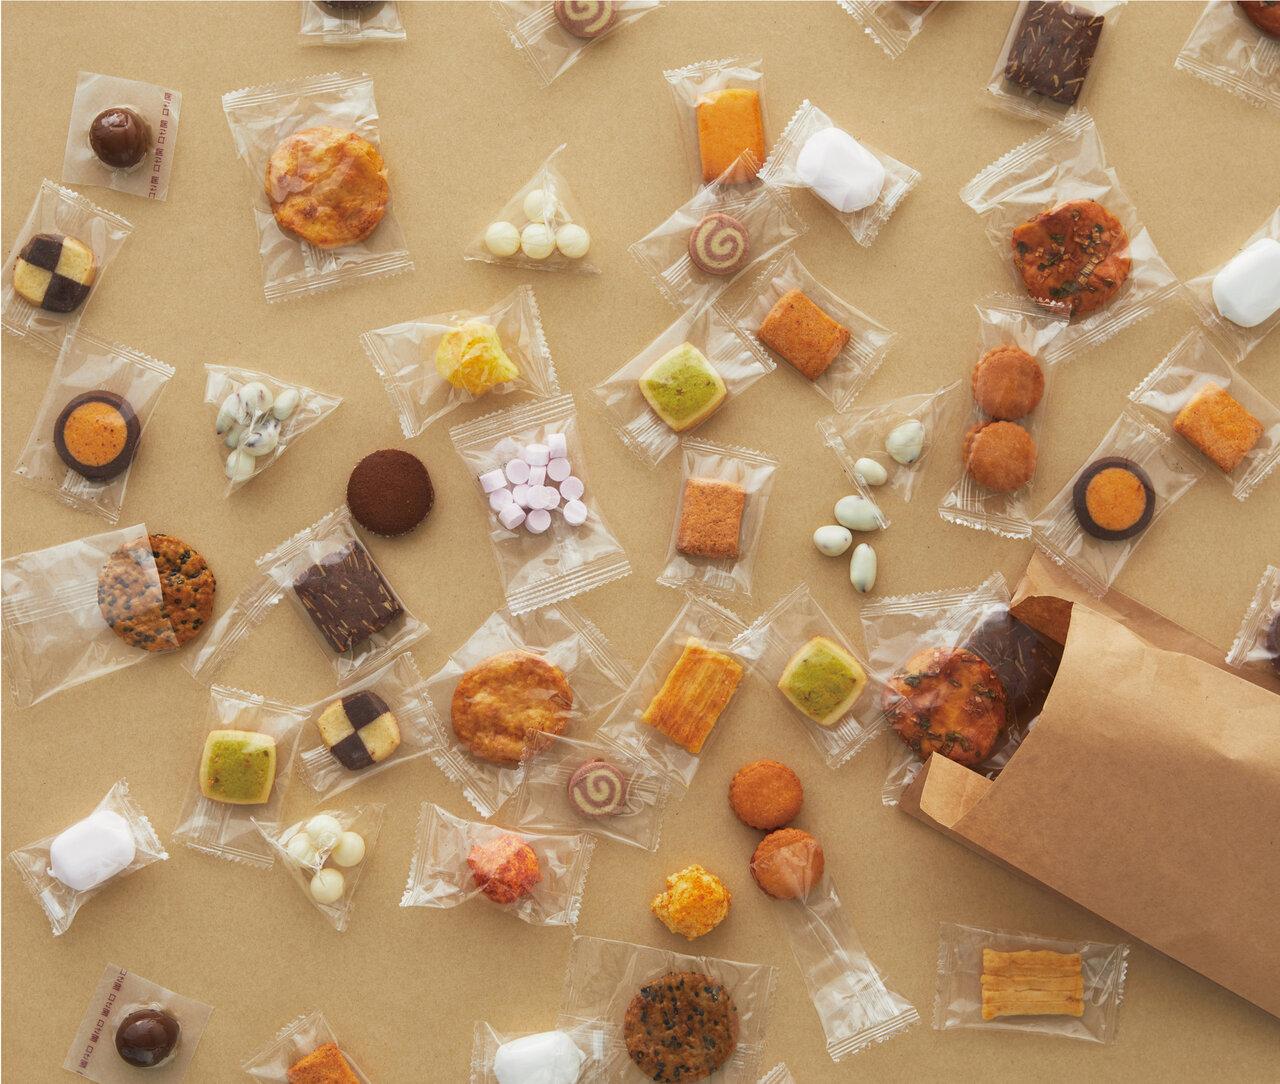 1グラム4円♡無印良品のお菓子が量り売りがうれしい!